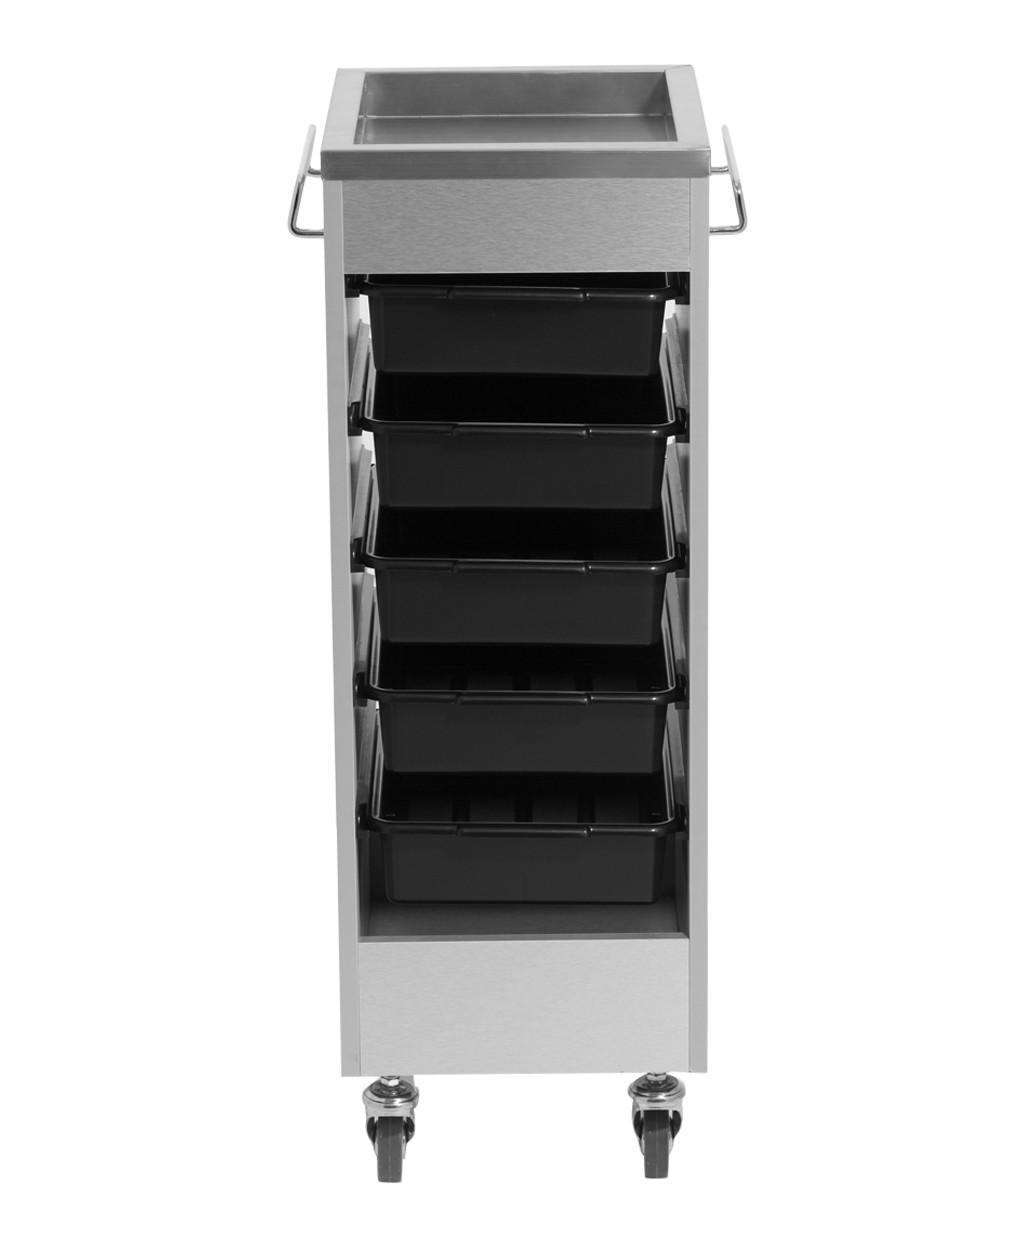 Aluma Deluxe Styling Trolley